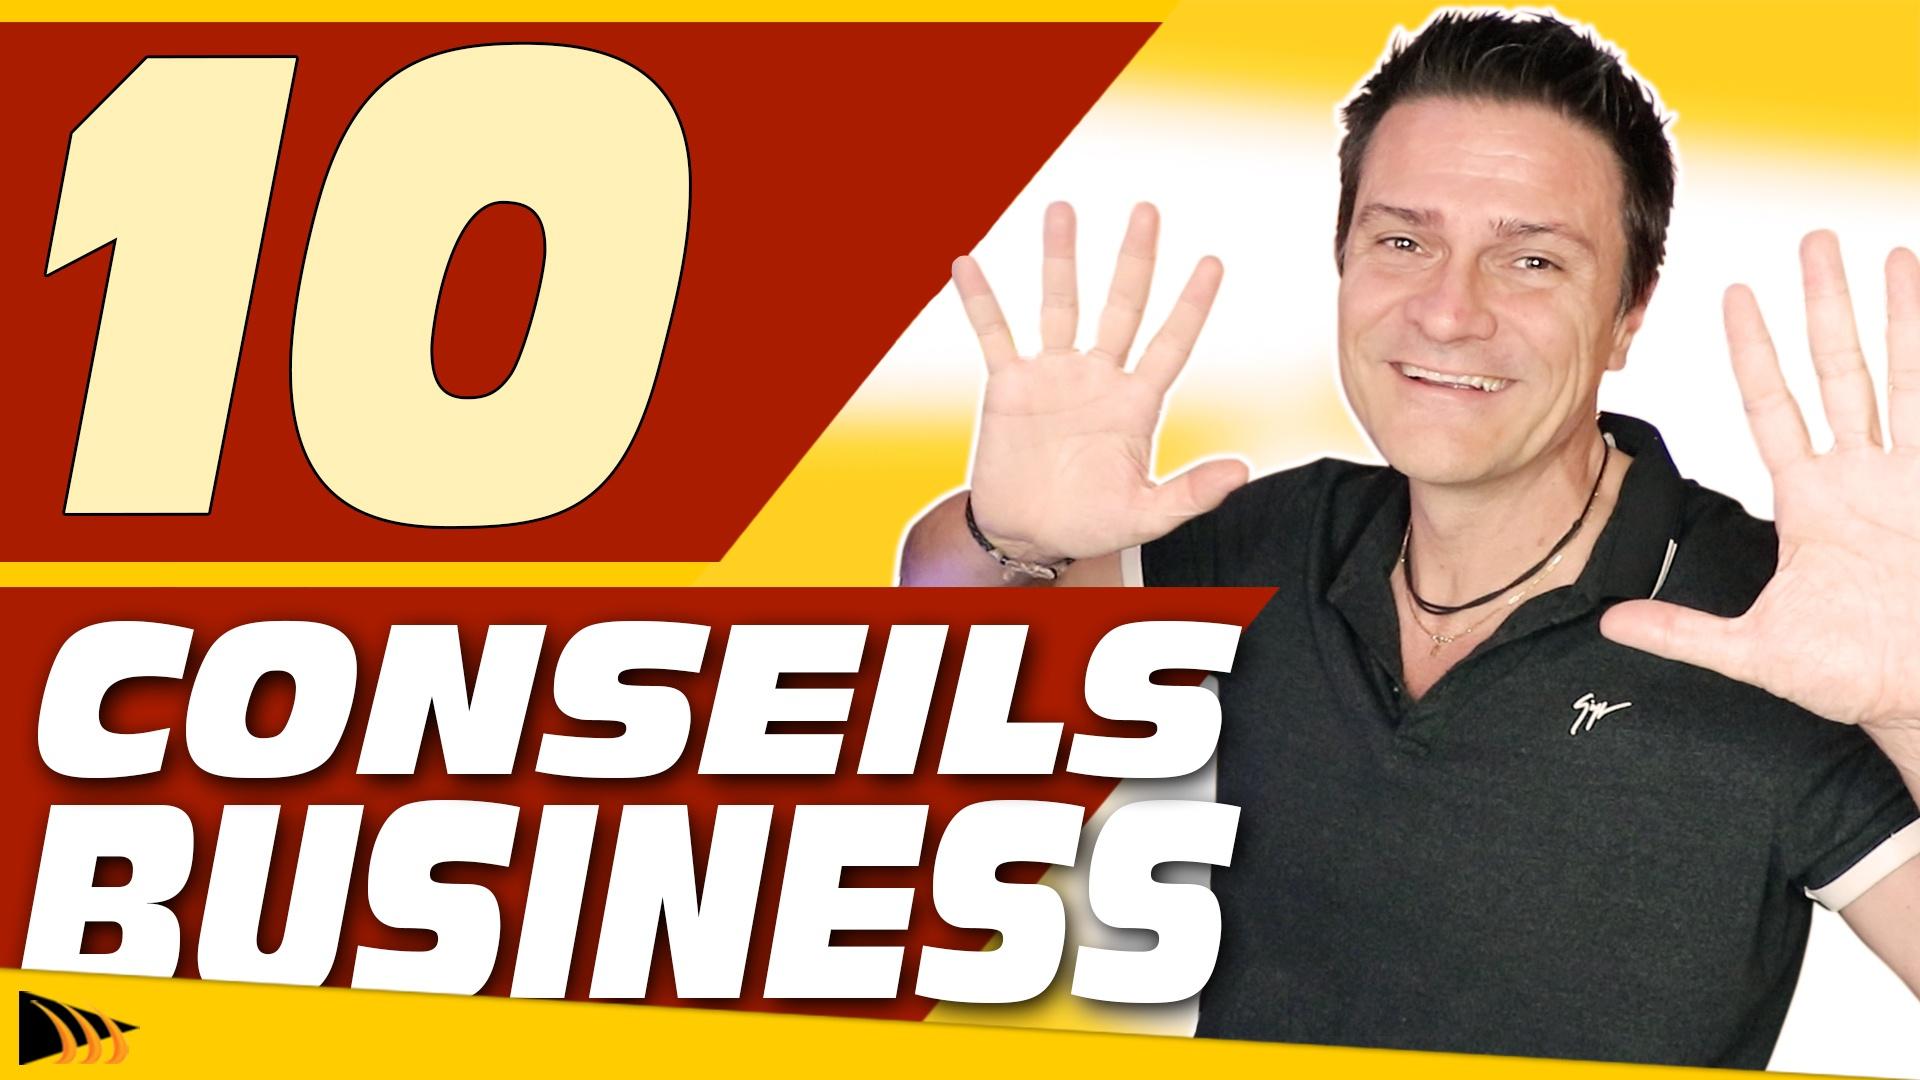 10 Conseils business d'Elon Musk (l'entrepreneur à succès)